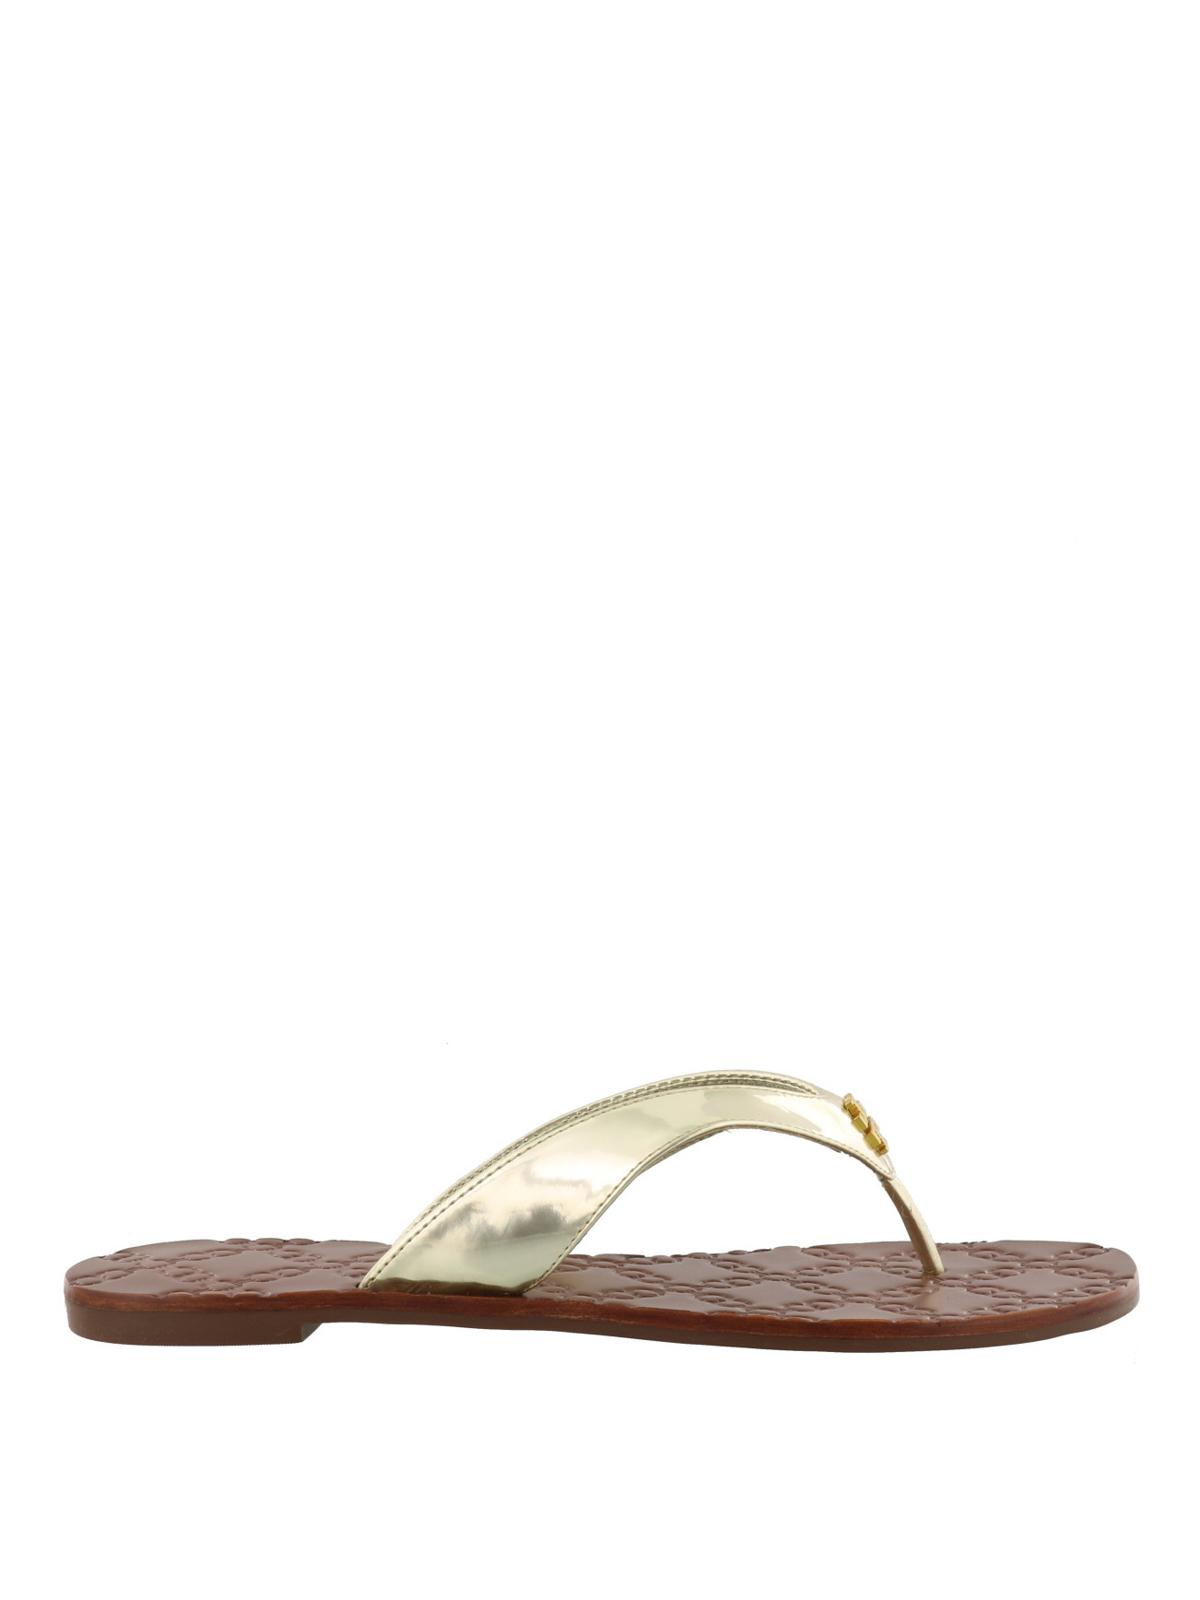 16661b26a4c5 Tory Burch - Monroe golden thong sandals - flip flops - 39671 723